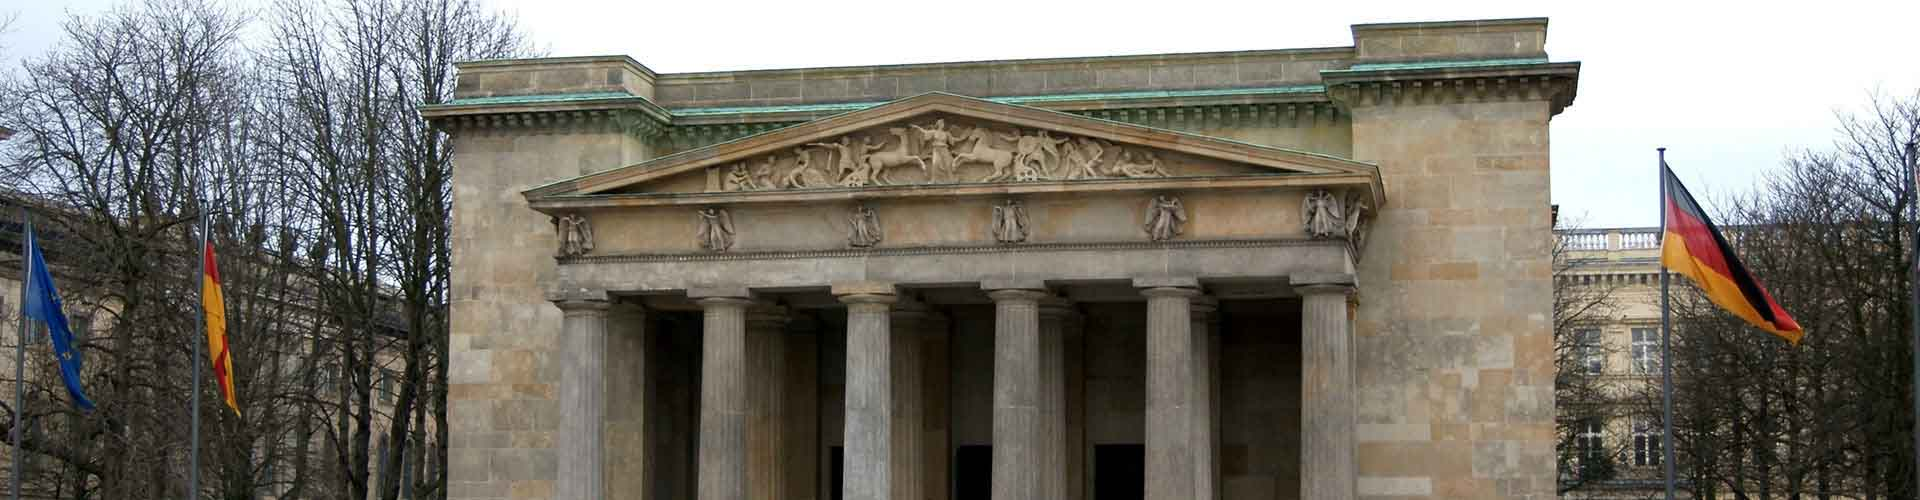 Berlin – Hostellit lähellä Neue Wache ja Zeughaus. Berlin -karttoja, valokuvia ja arvosteluja kaikista Berlin -hostelleista.